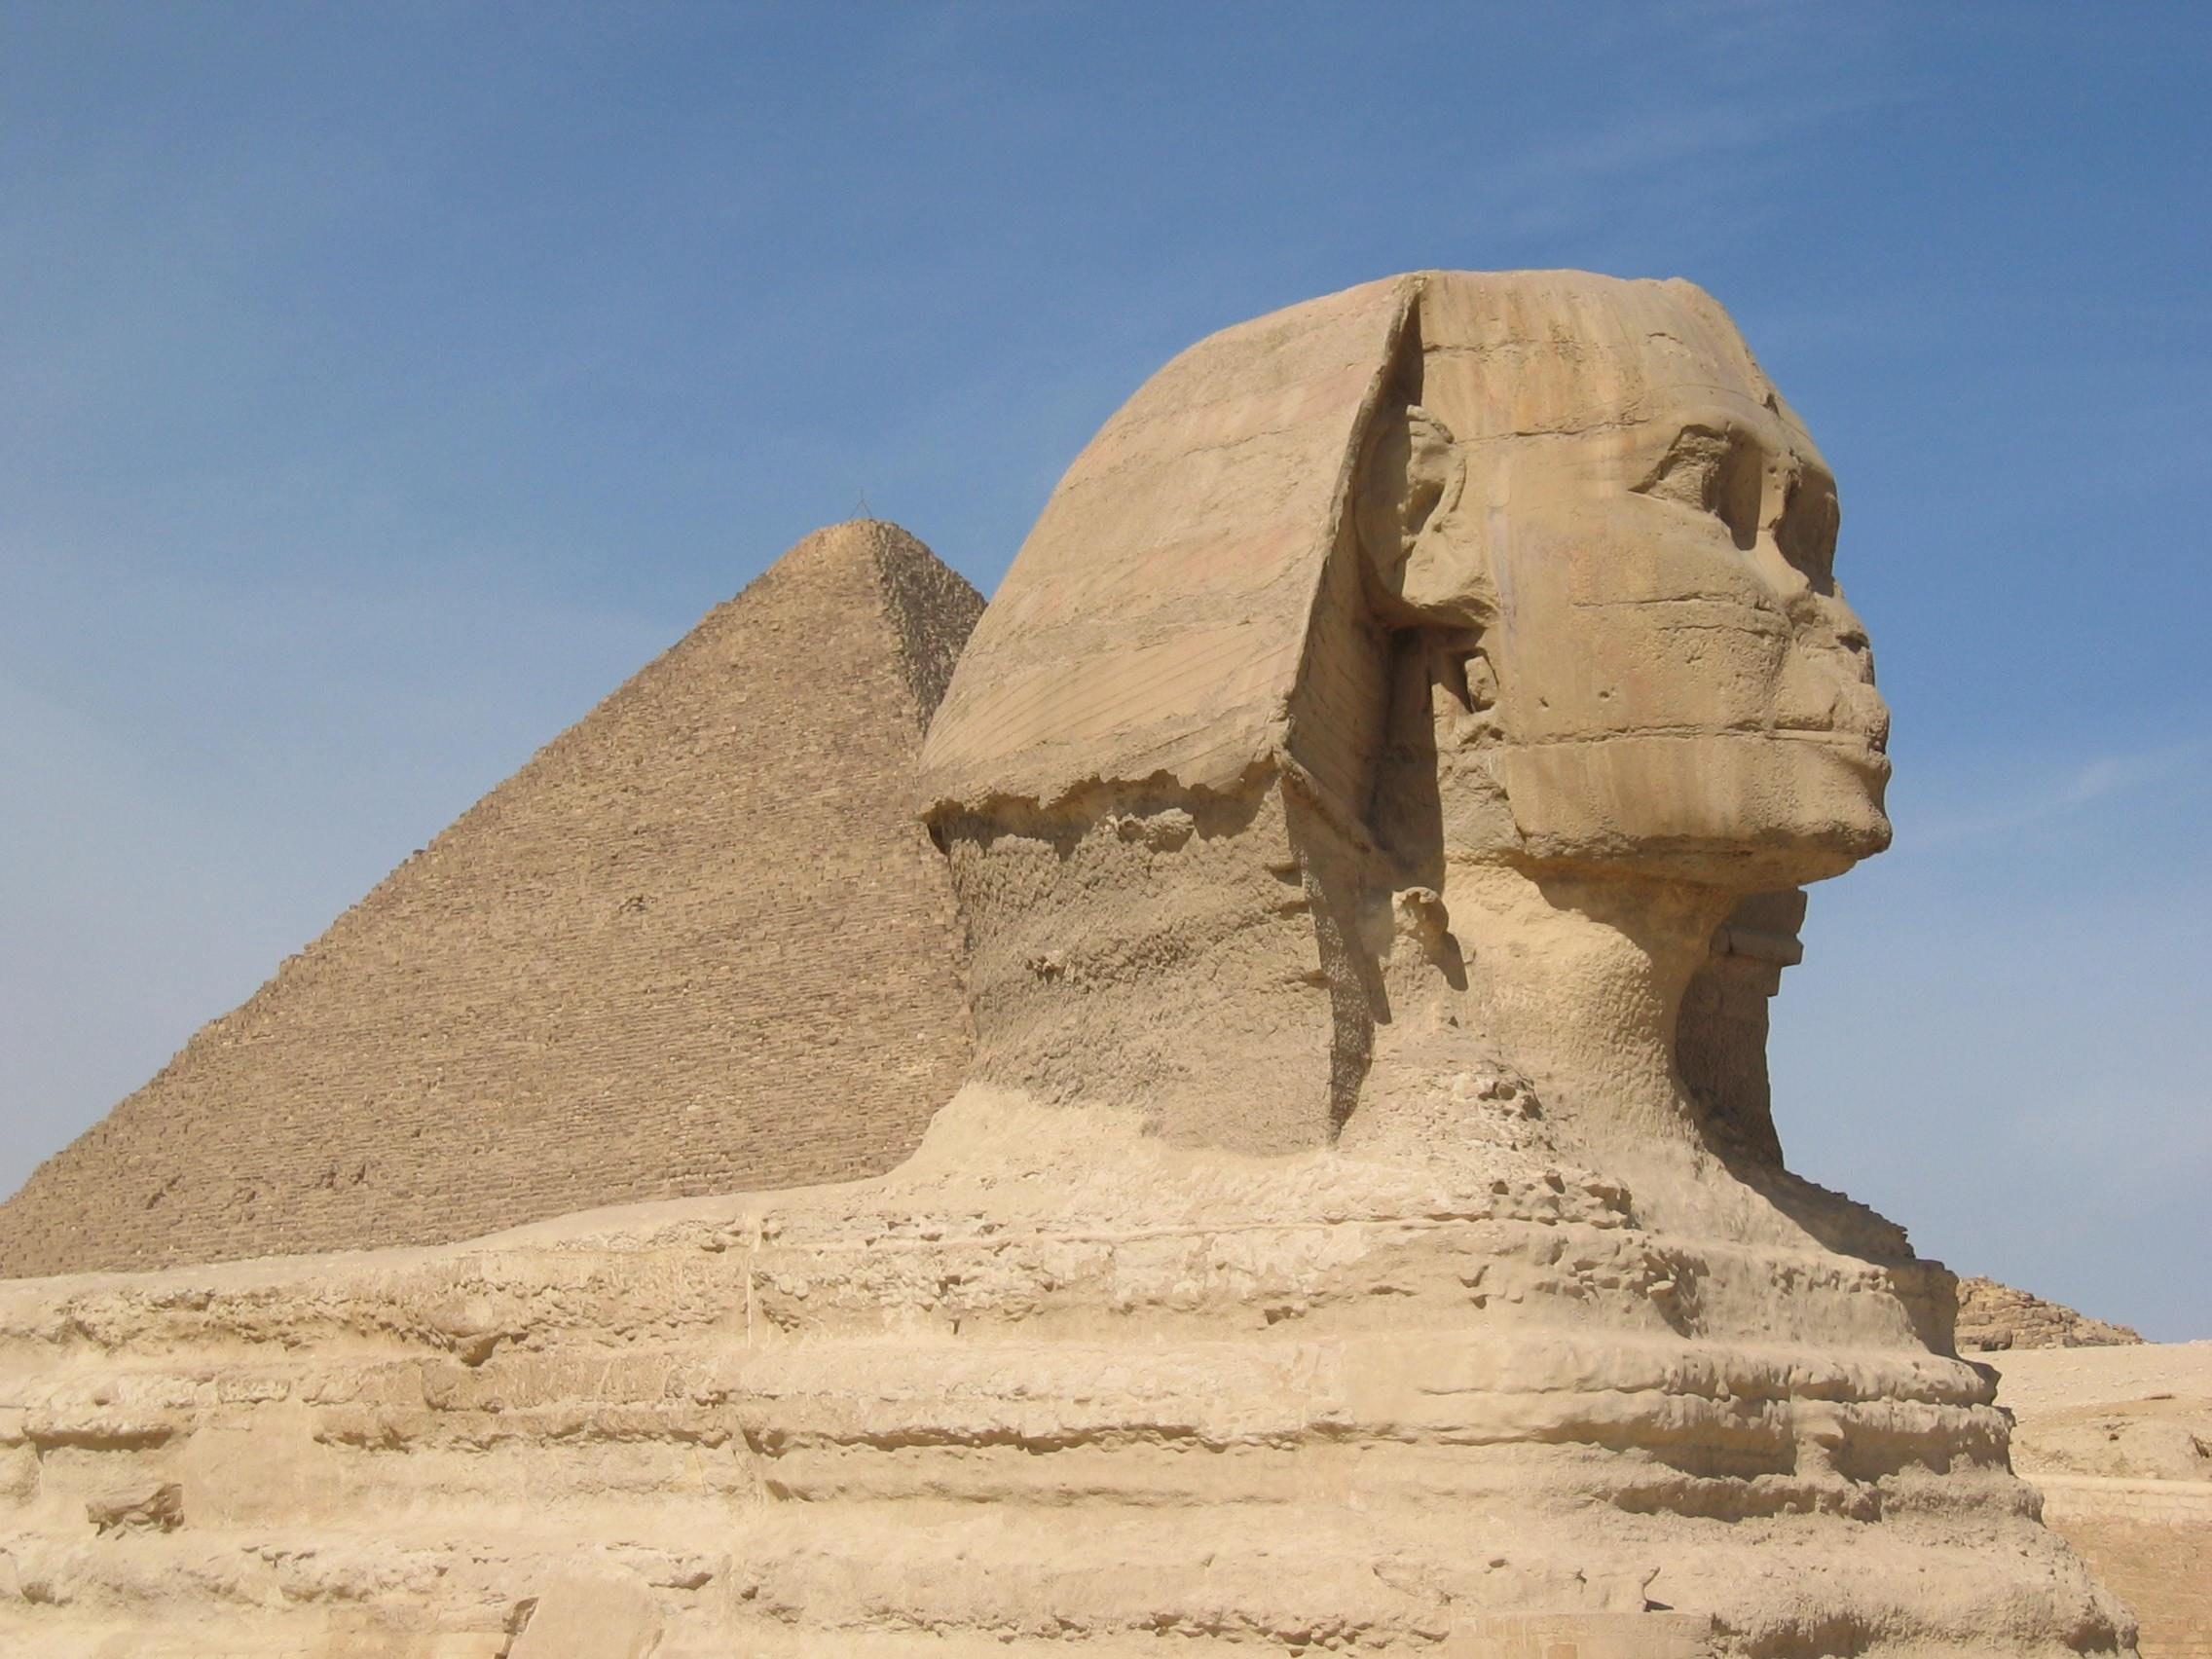 Curiozităţi ştiinţifice, Piramida lui Keops